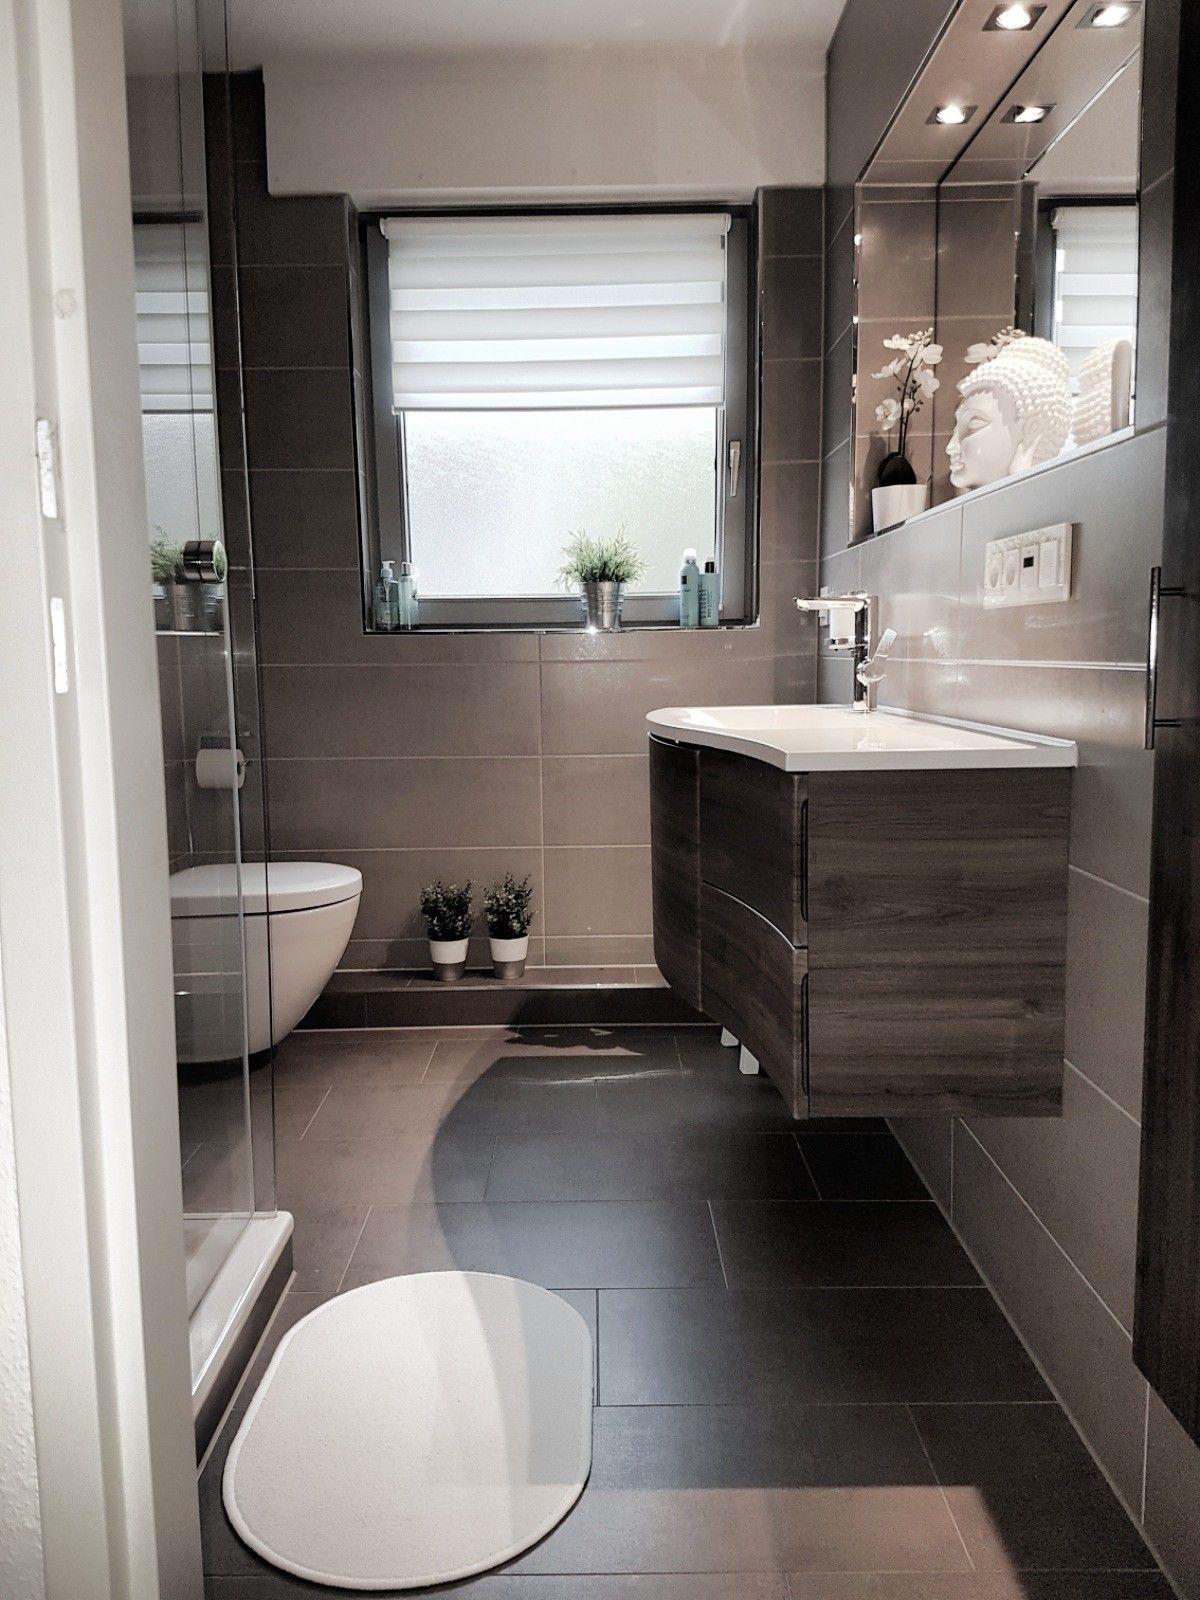 Kleines Bad Reihenhaus Modern Nach der Renovierung   Badezimmer ...